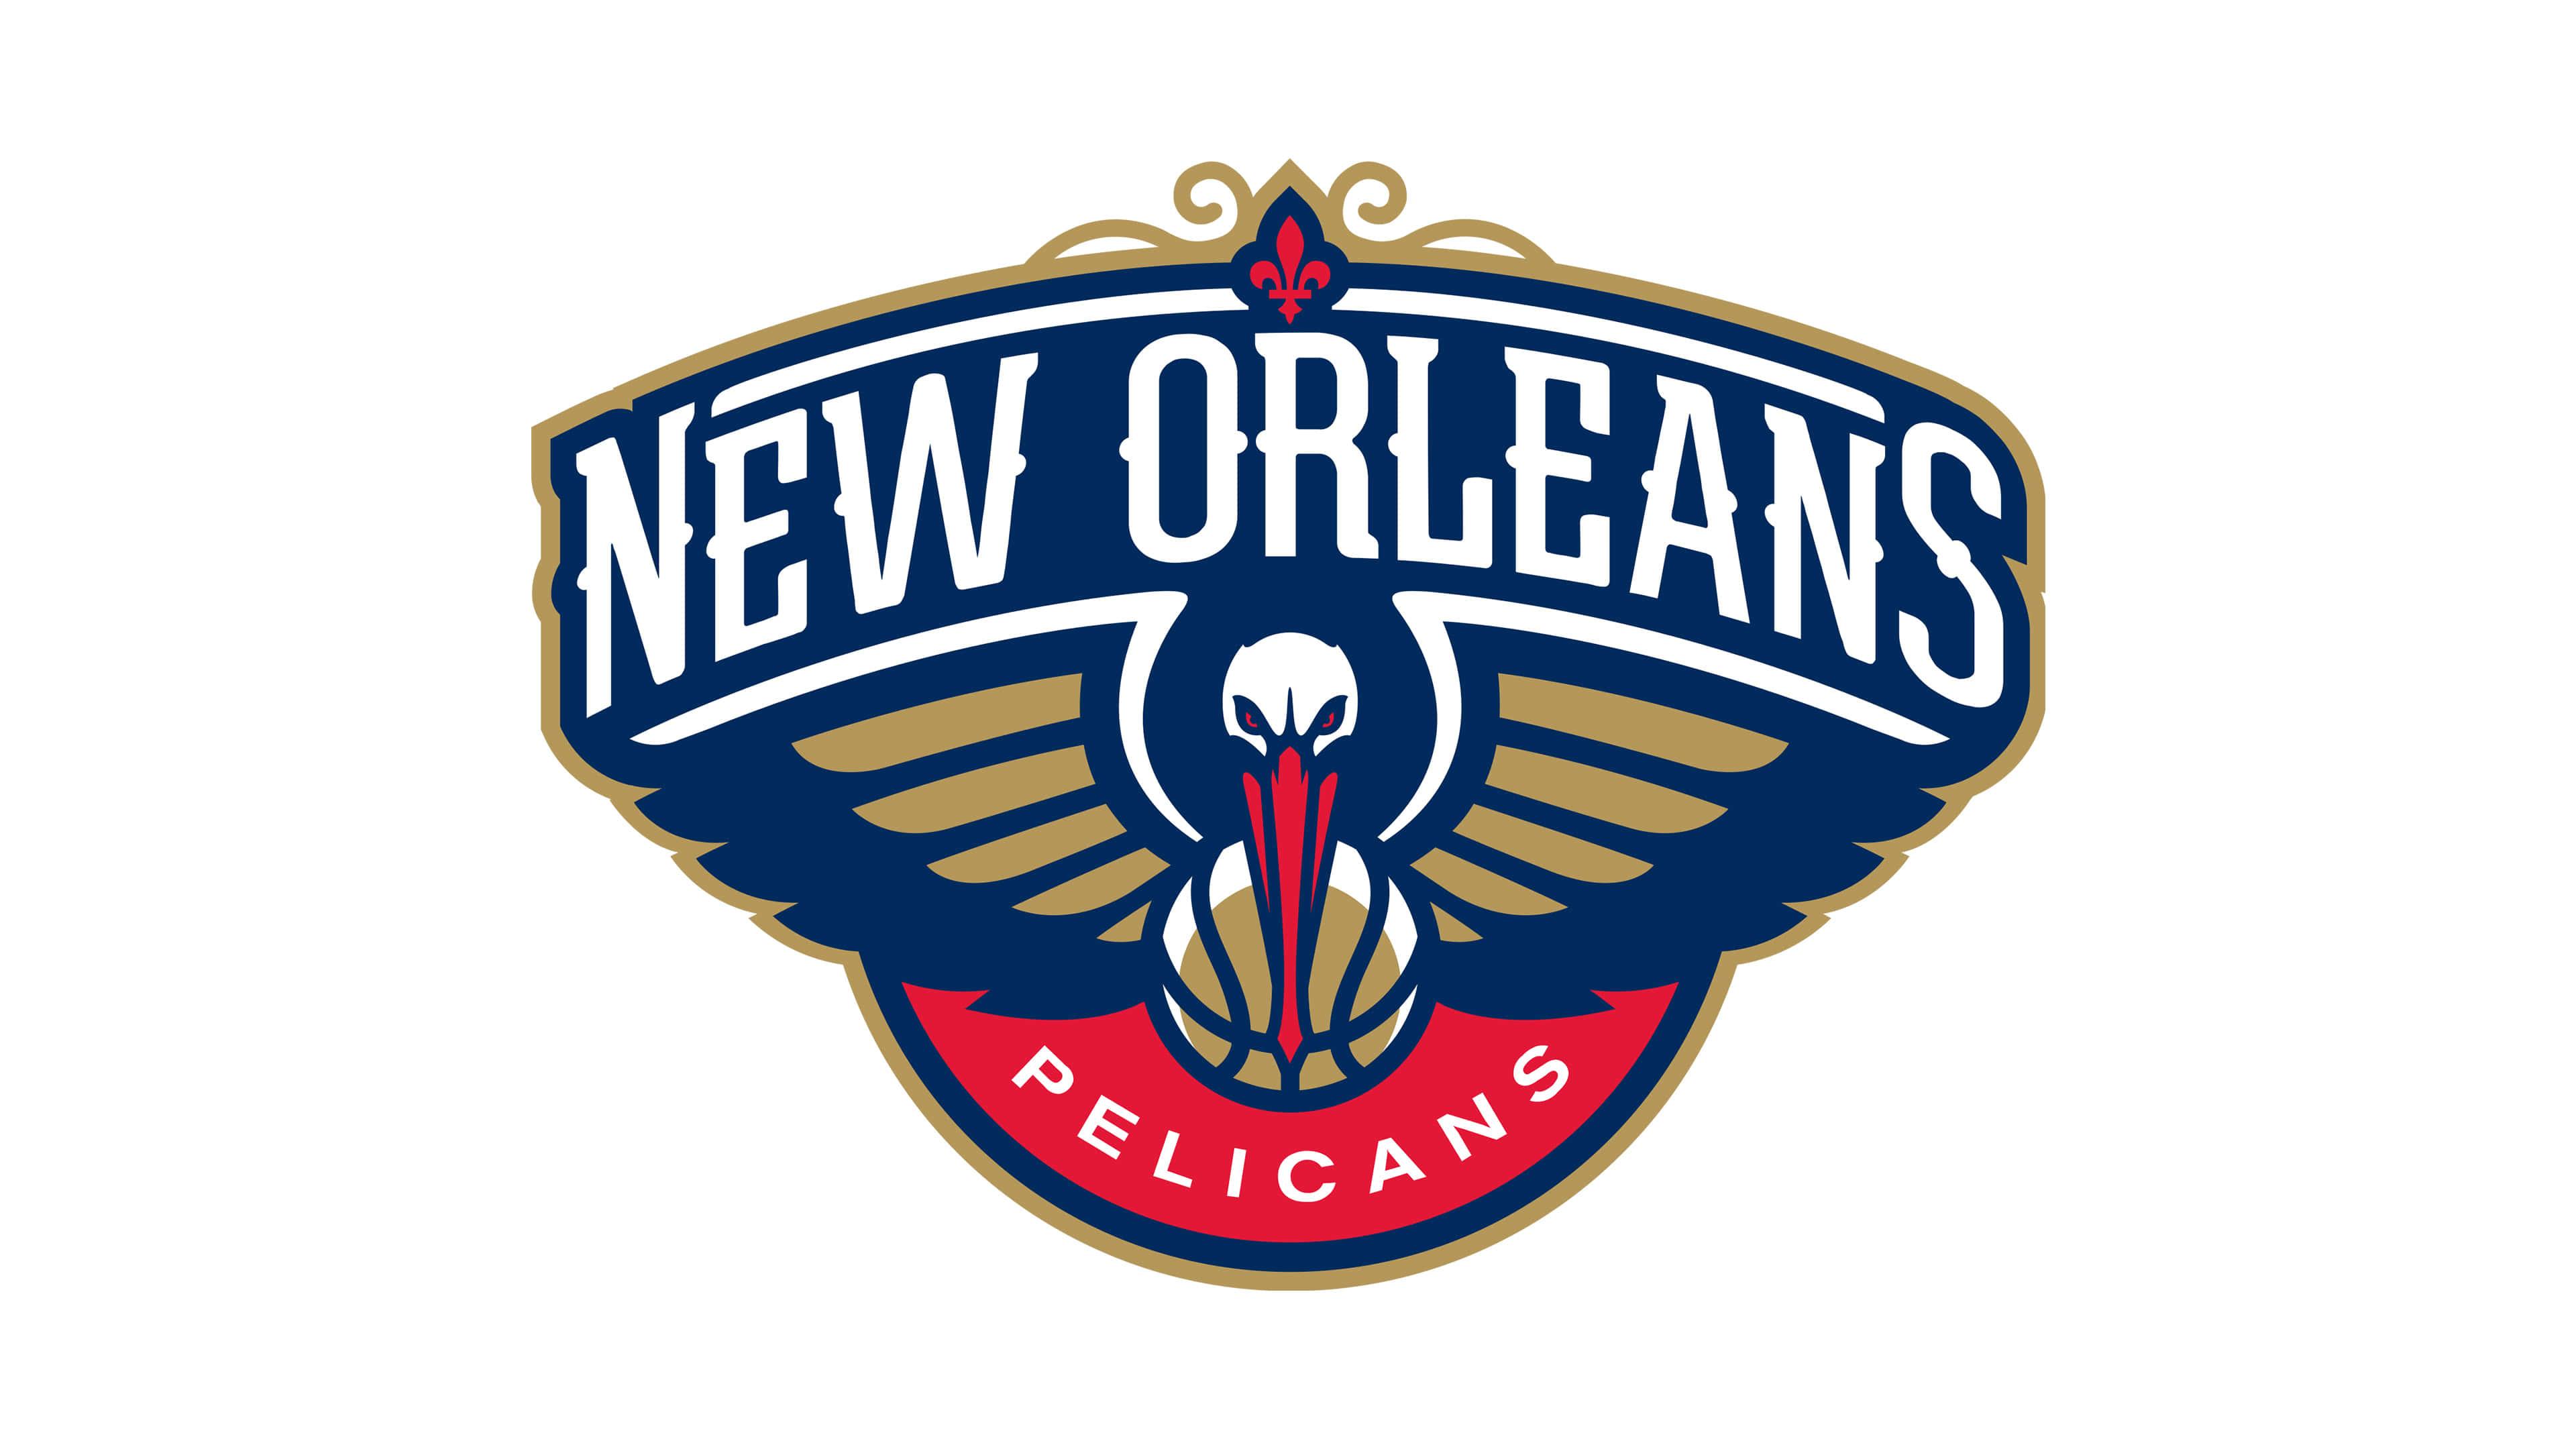 new orleans pelicans nba logo uhd 4k wallpaper